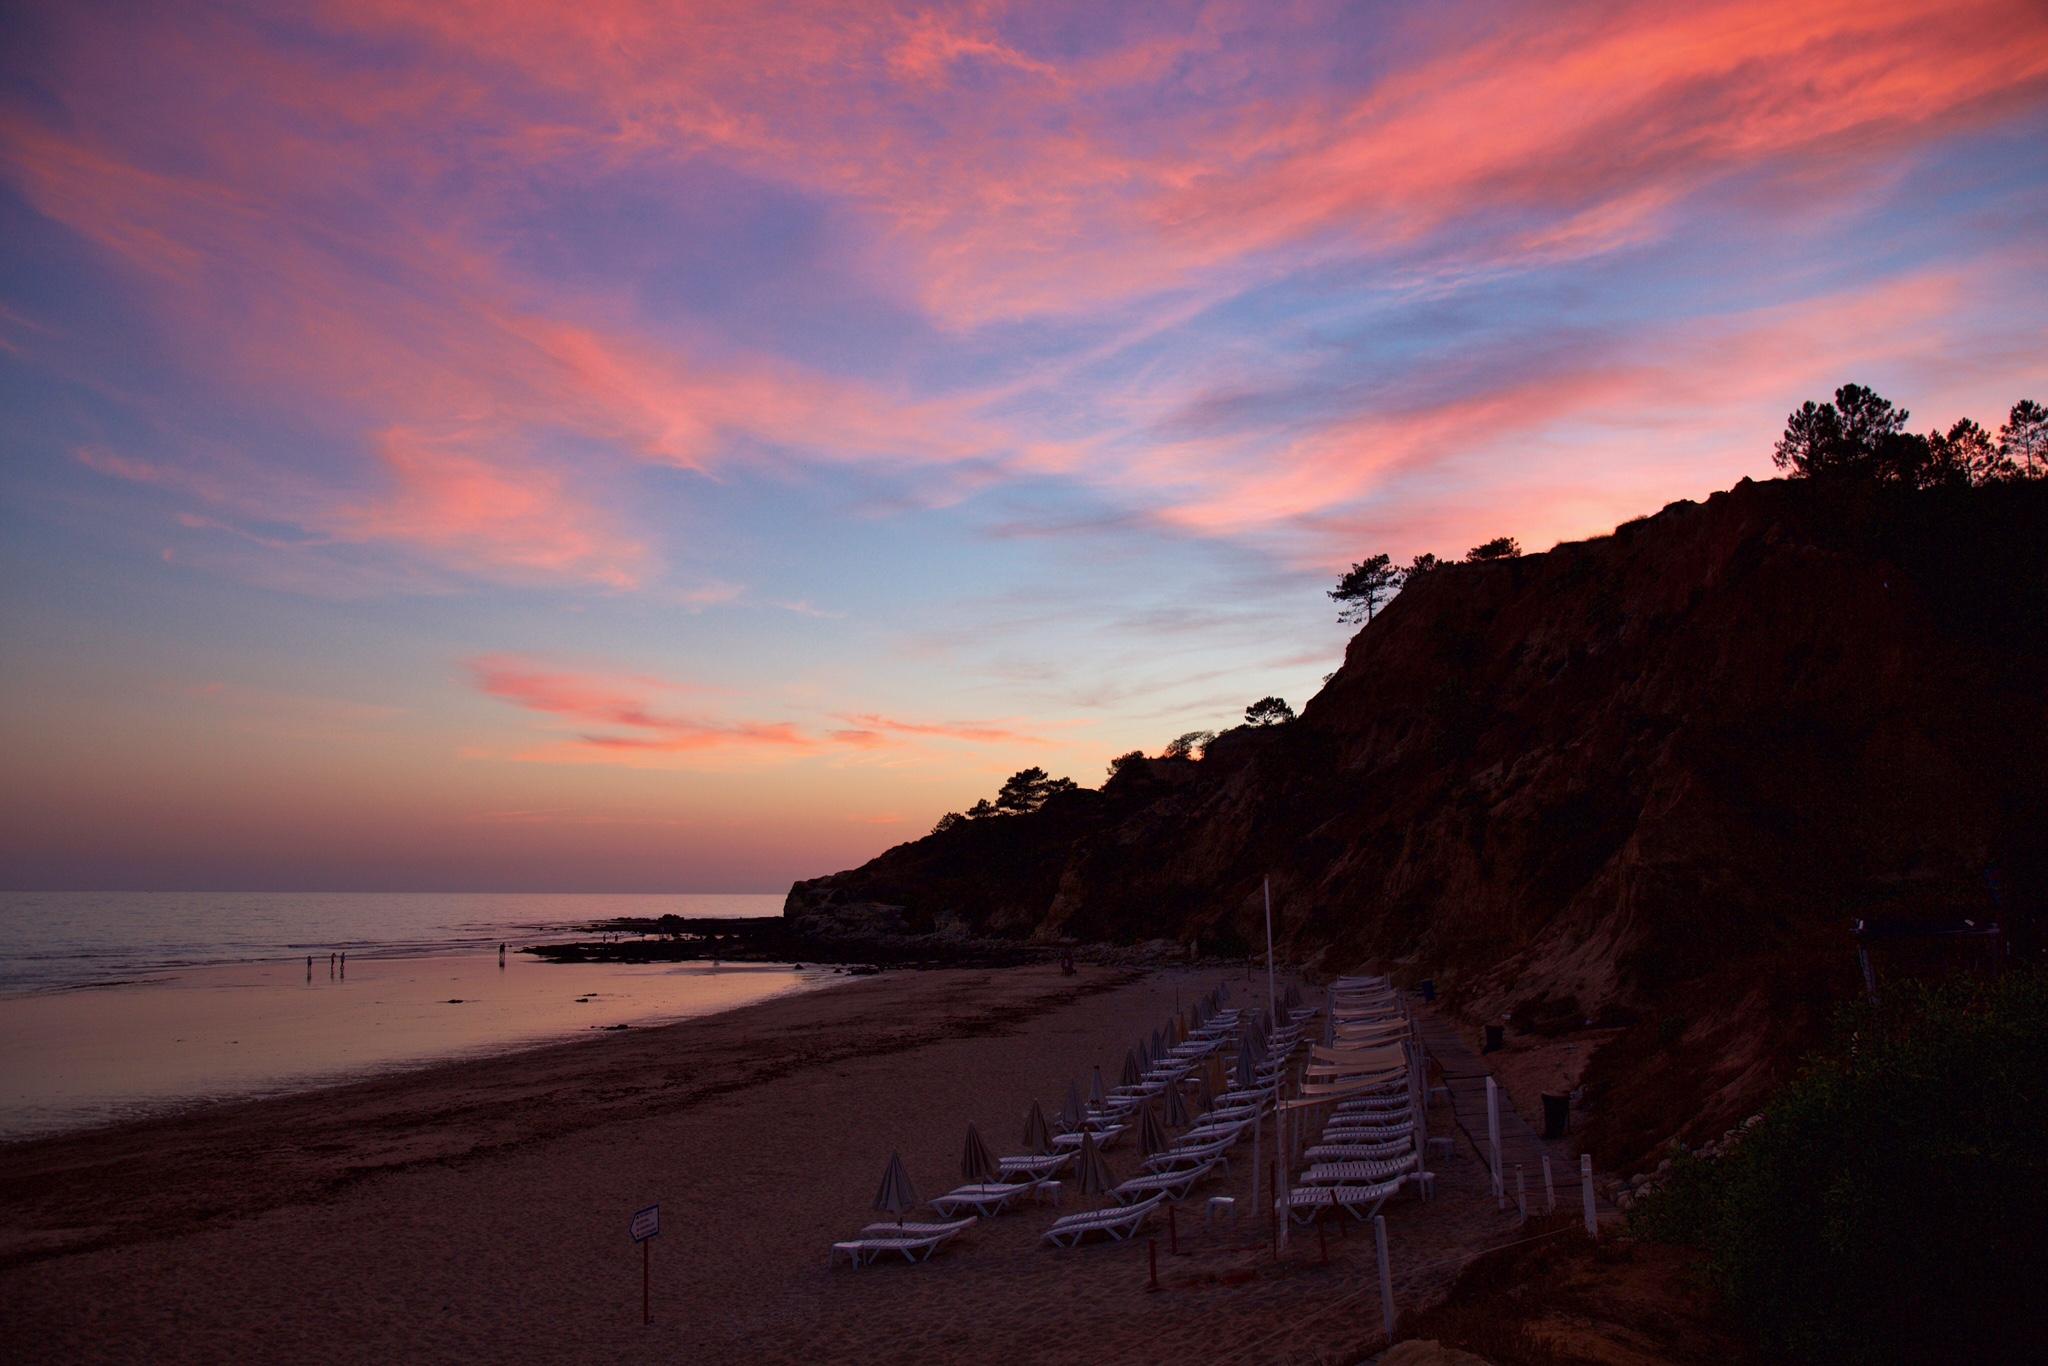 Sunset at Praia de Olhos de Água (Olhos de Água Beach), Algarve, Portugal